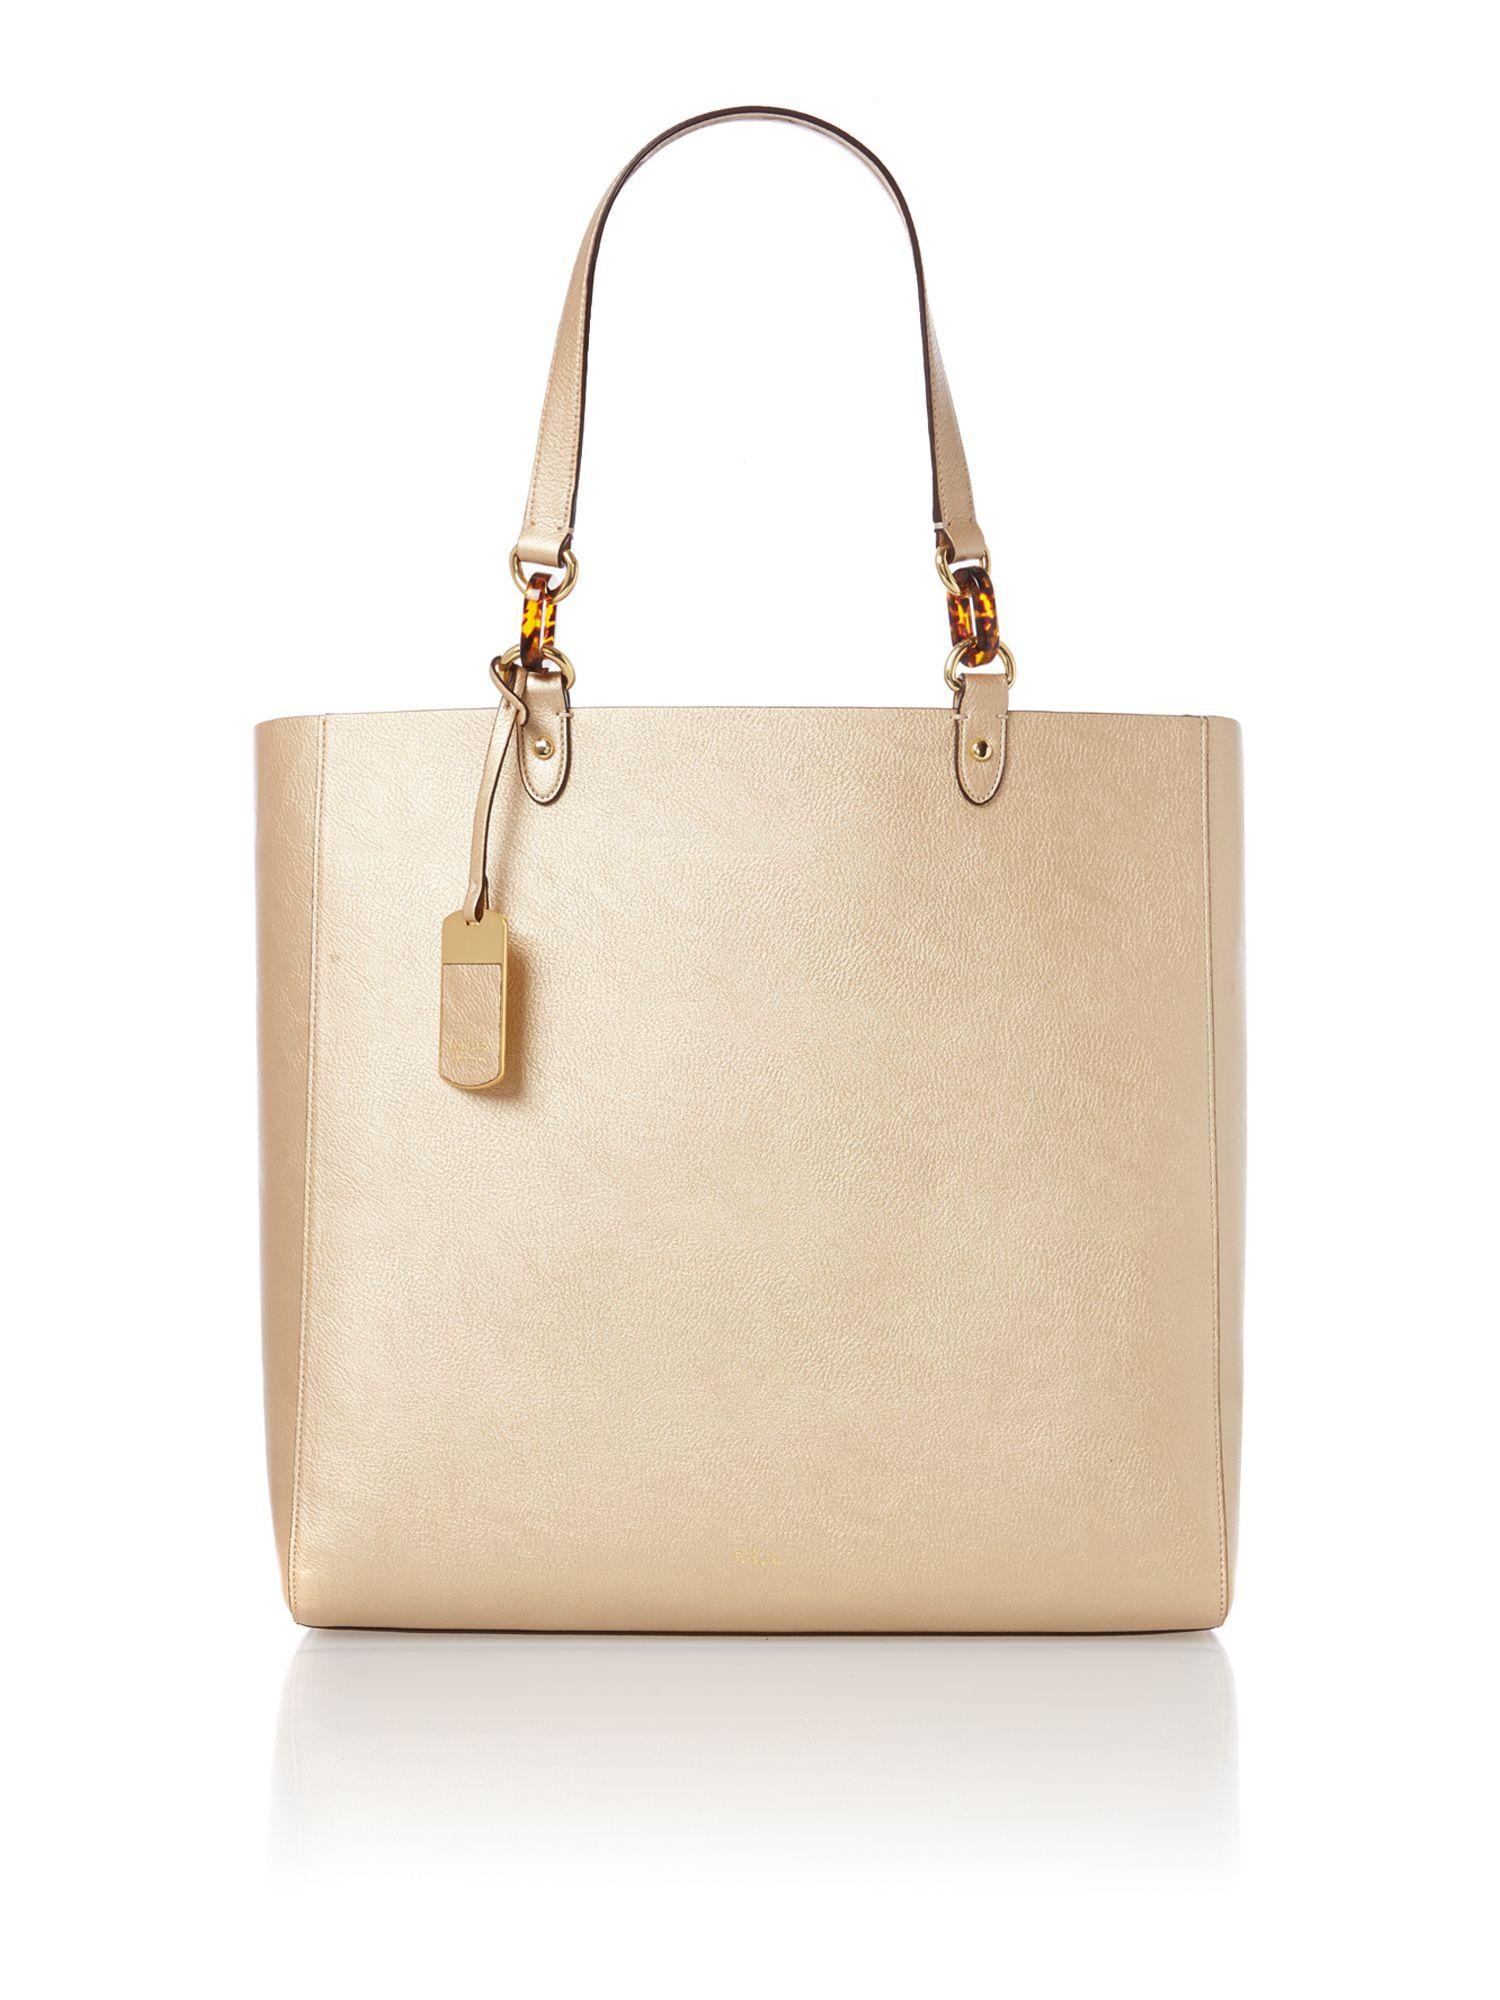 Lauren by ralph lauren Bembridge Gold Tote Bag in Pink | Lyst